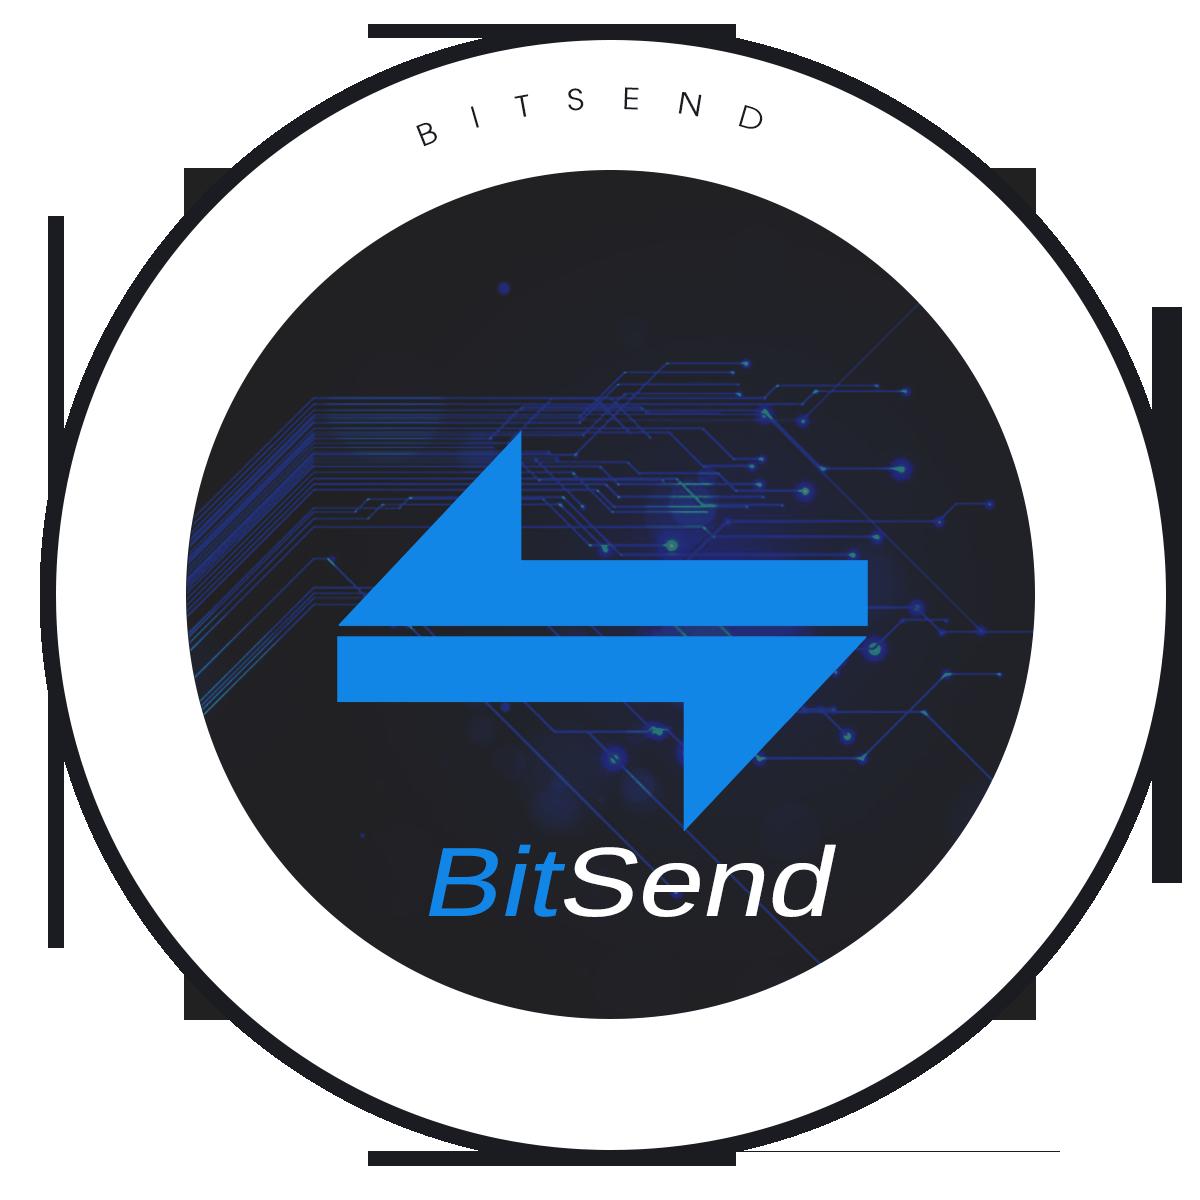 BitSend